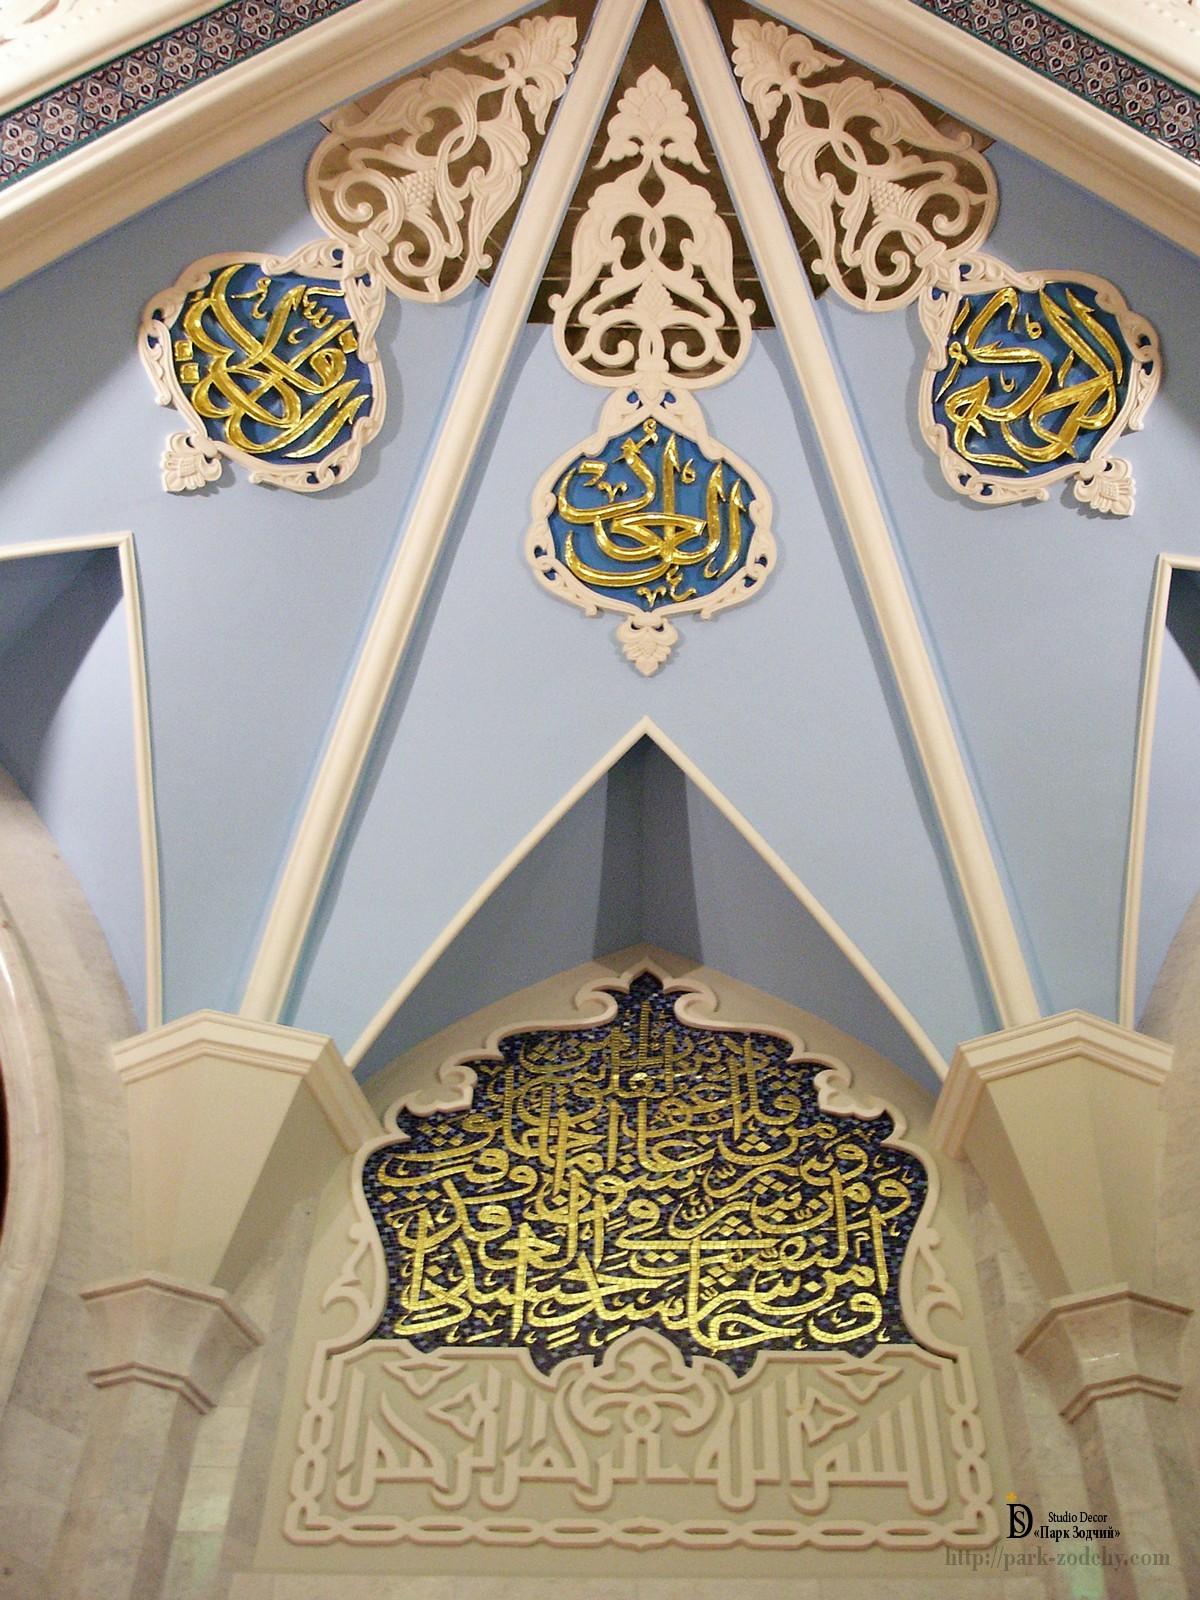 Leaf gilding in Arabic style